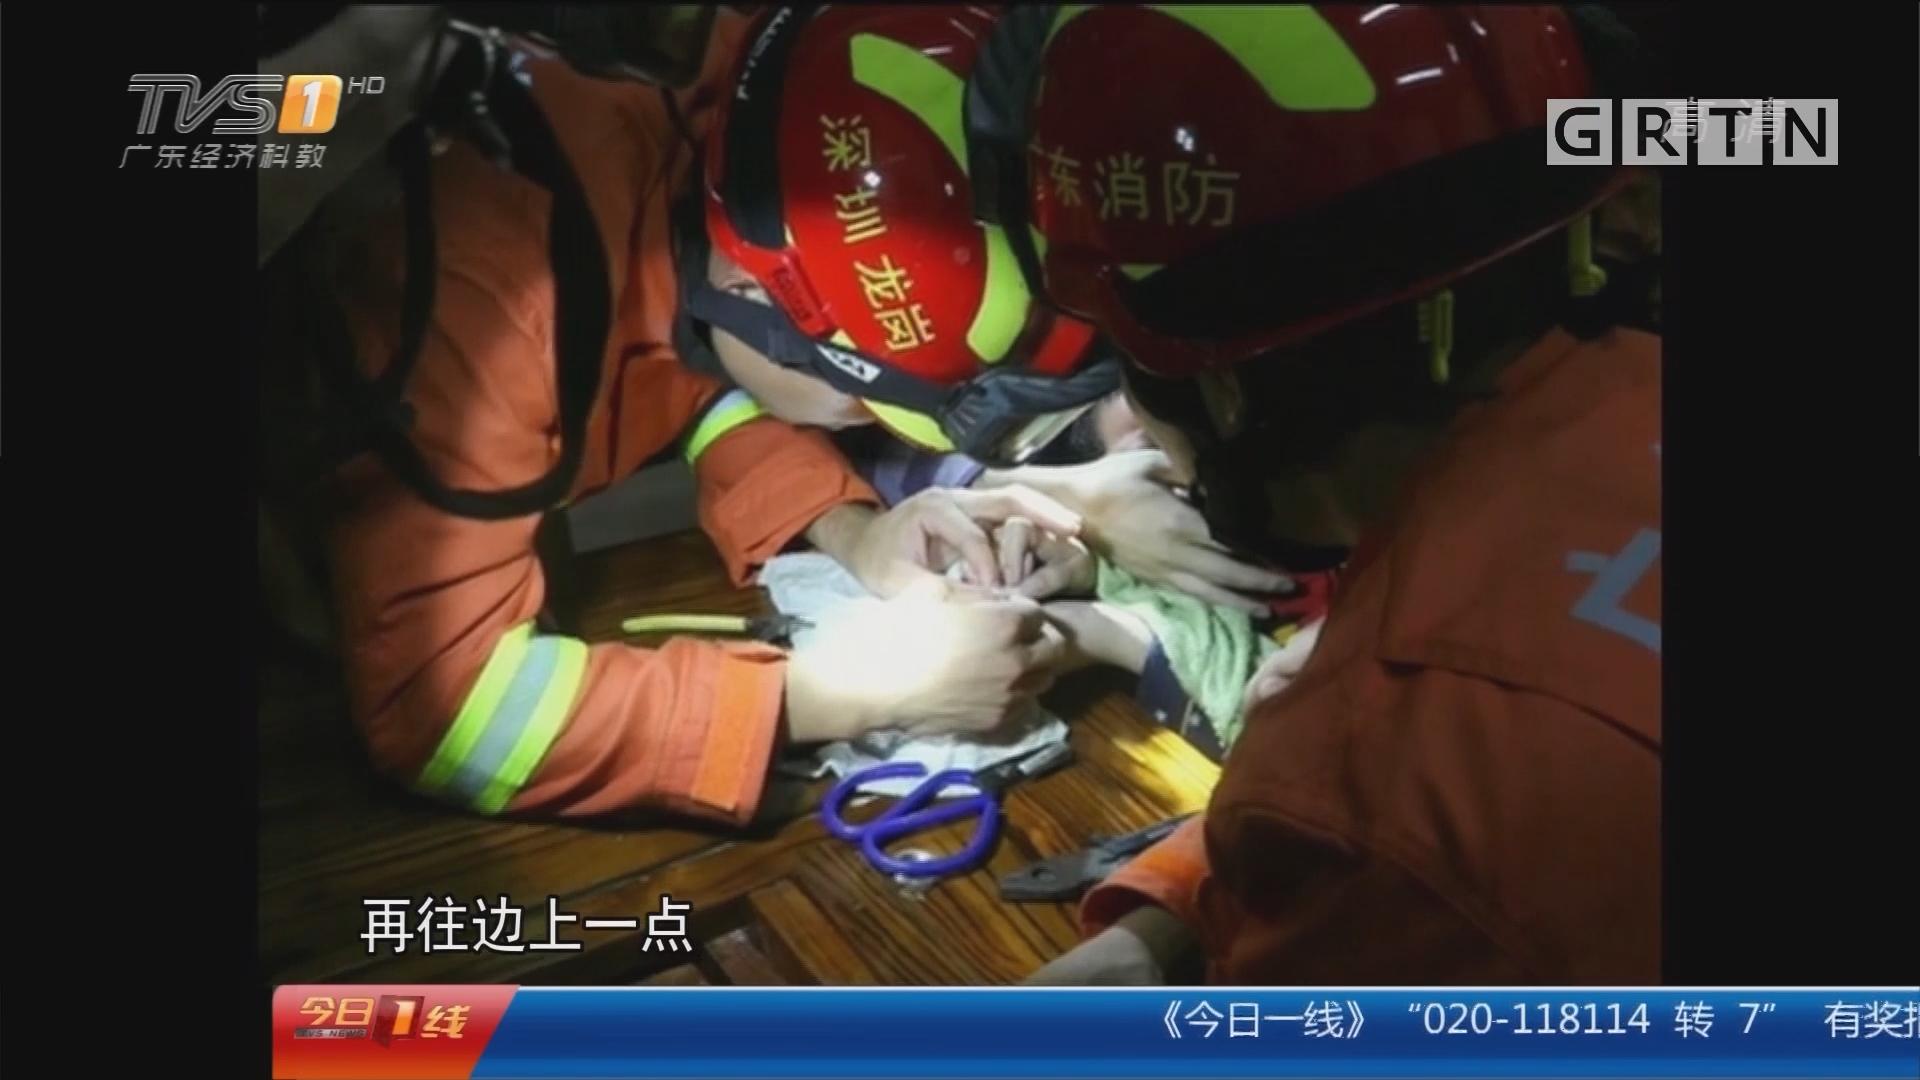 深圳:小孩手指被螺母卡住 消防破拆施救